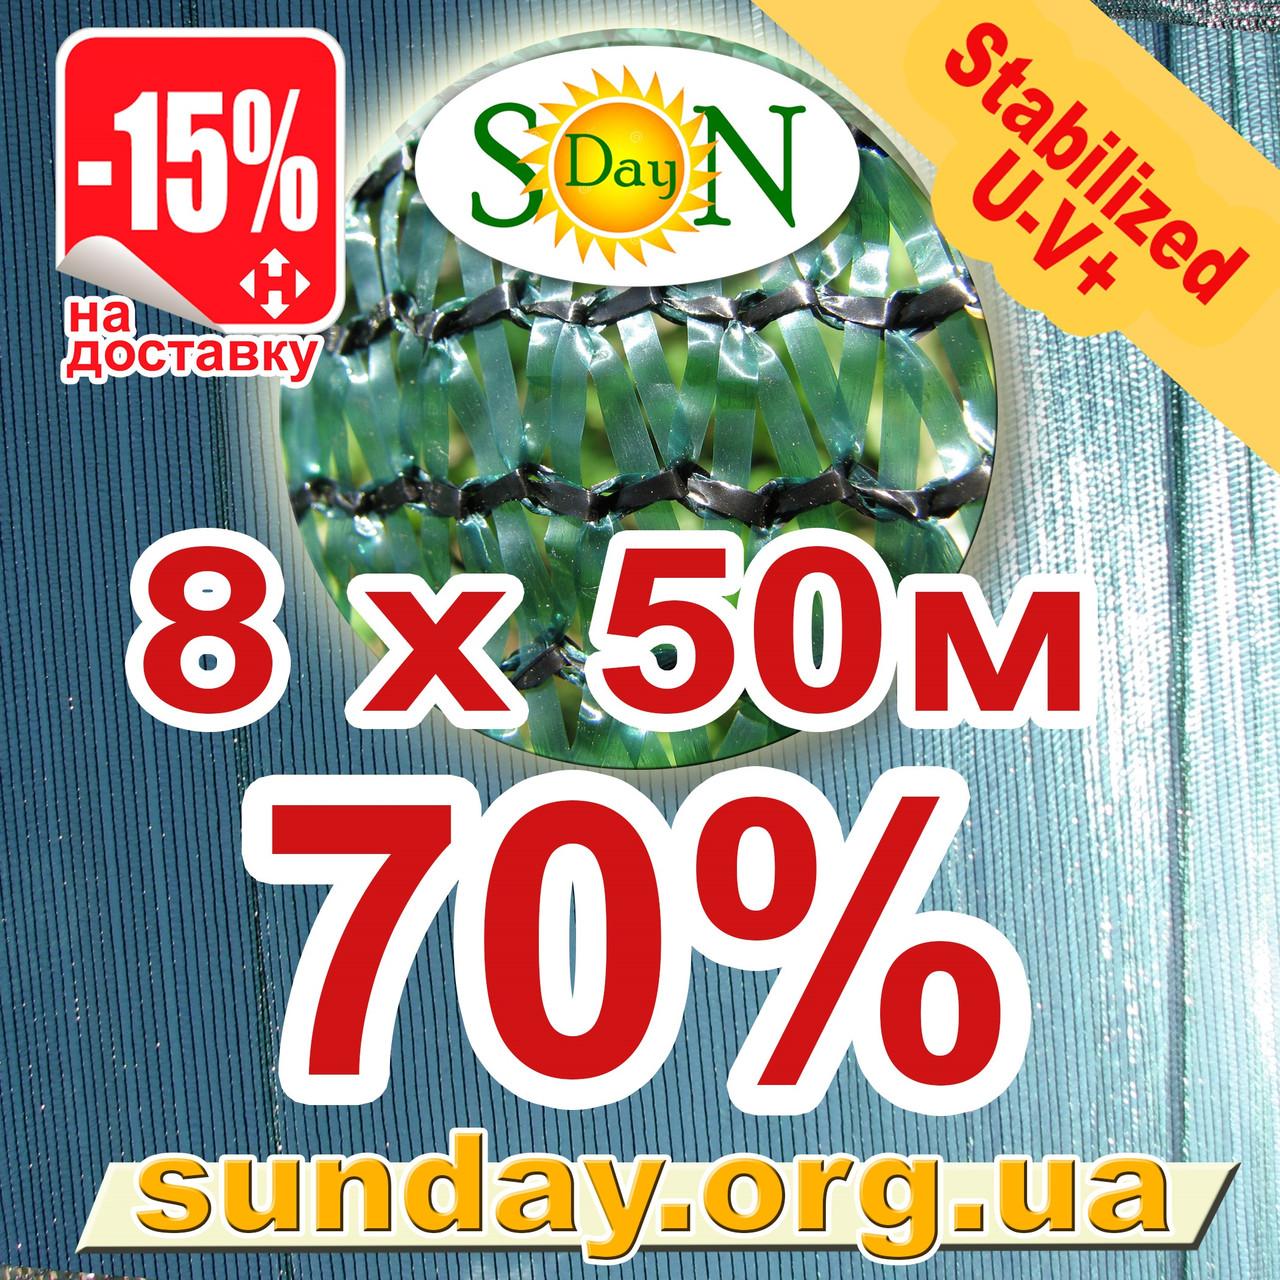 Сітка 8м 70% затіняюча Угорщина, маскувальна в рулоні. Угорщина